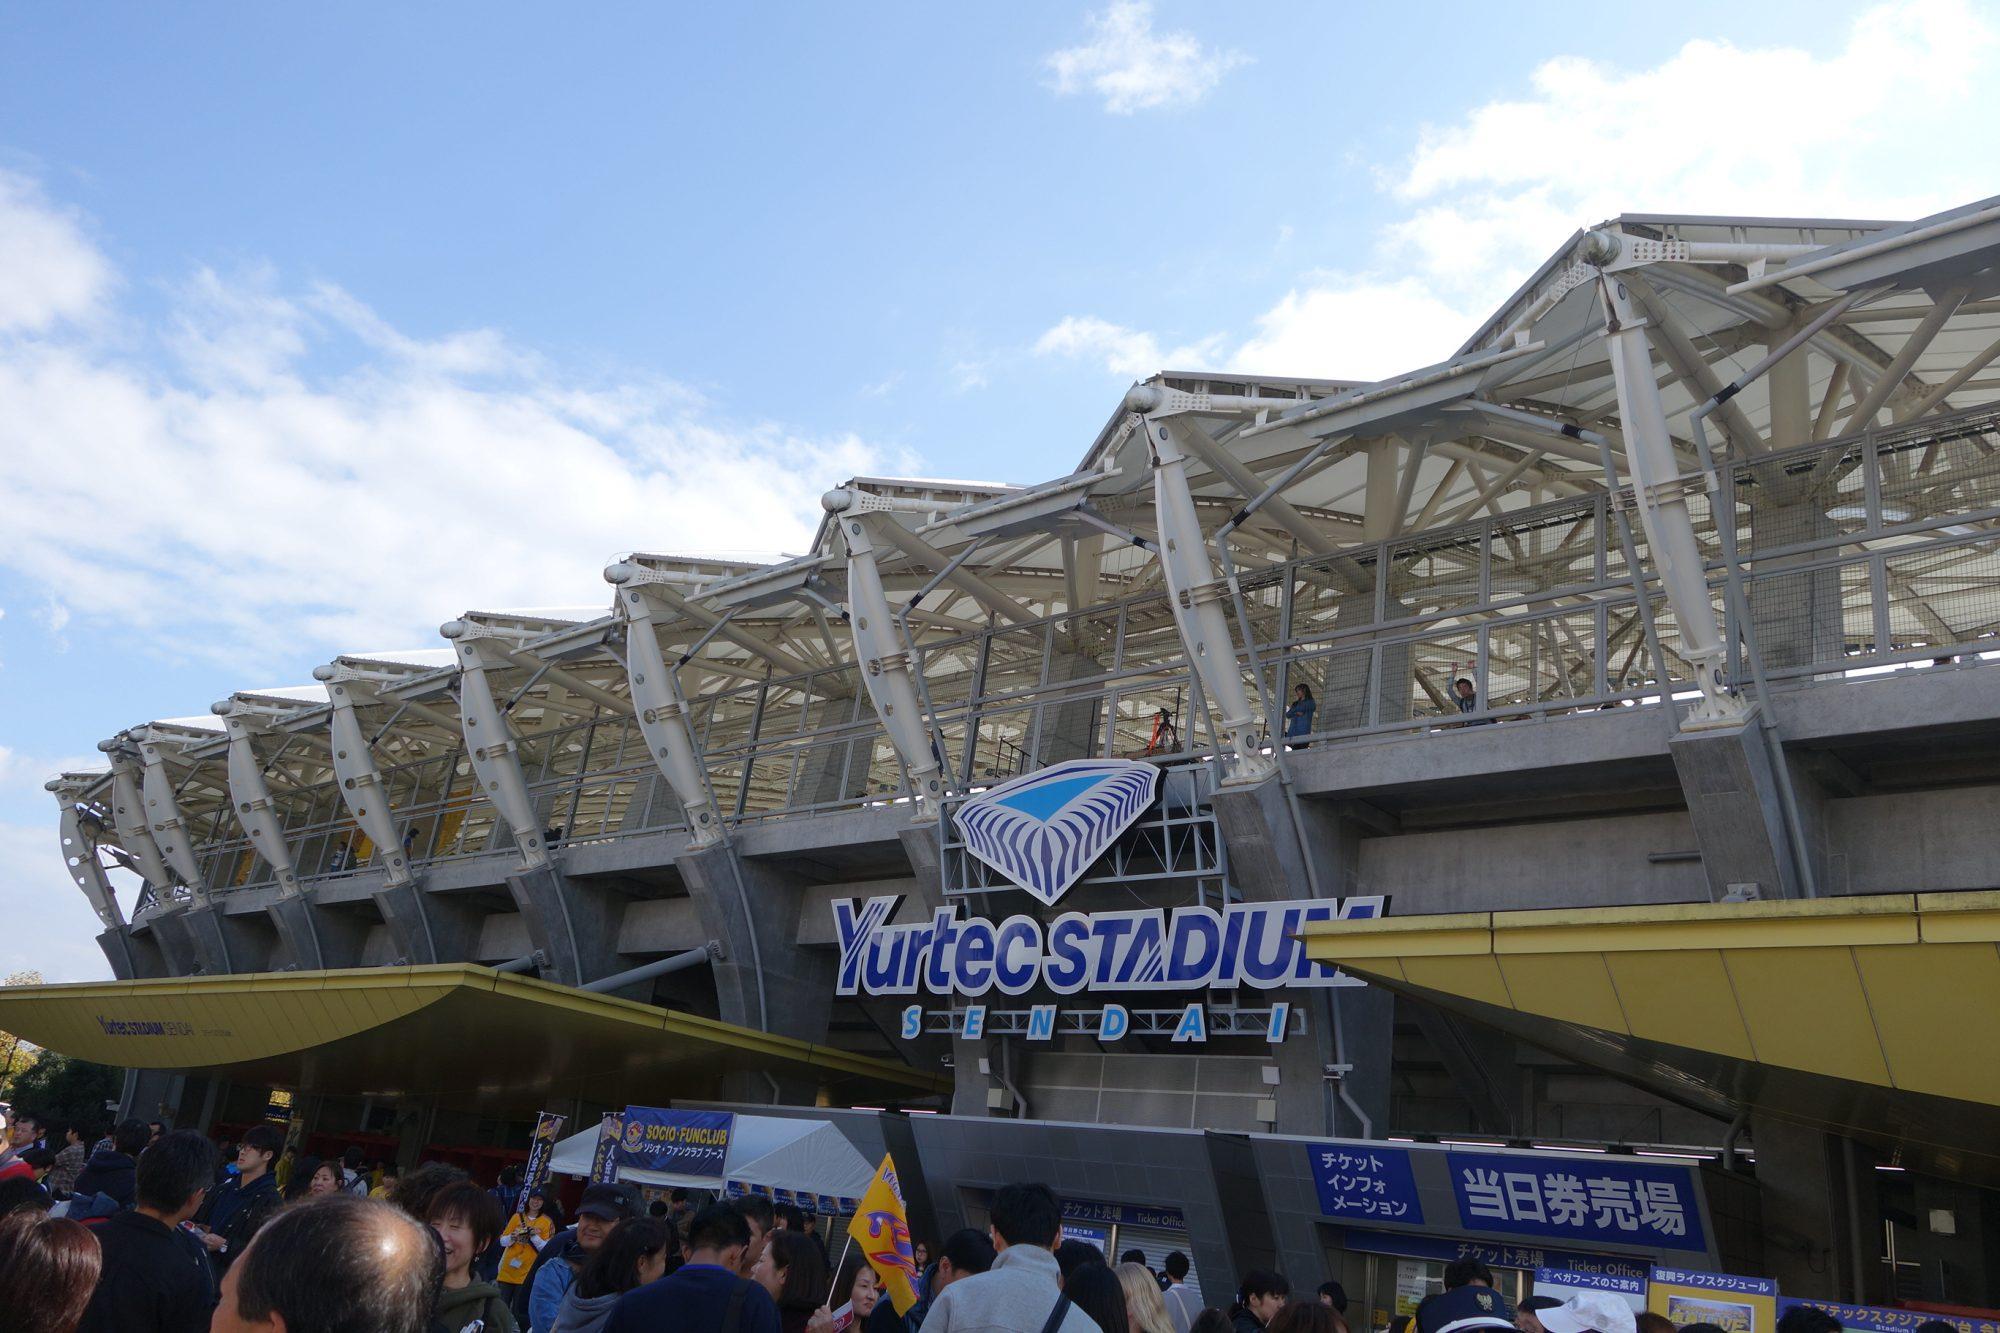 181020_2ユアテックスタジアム仙台